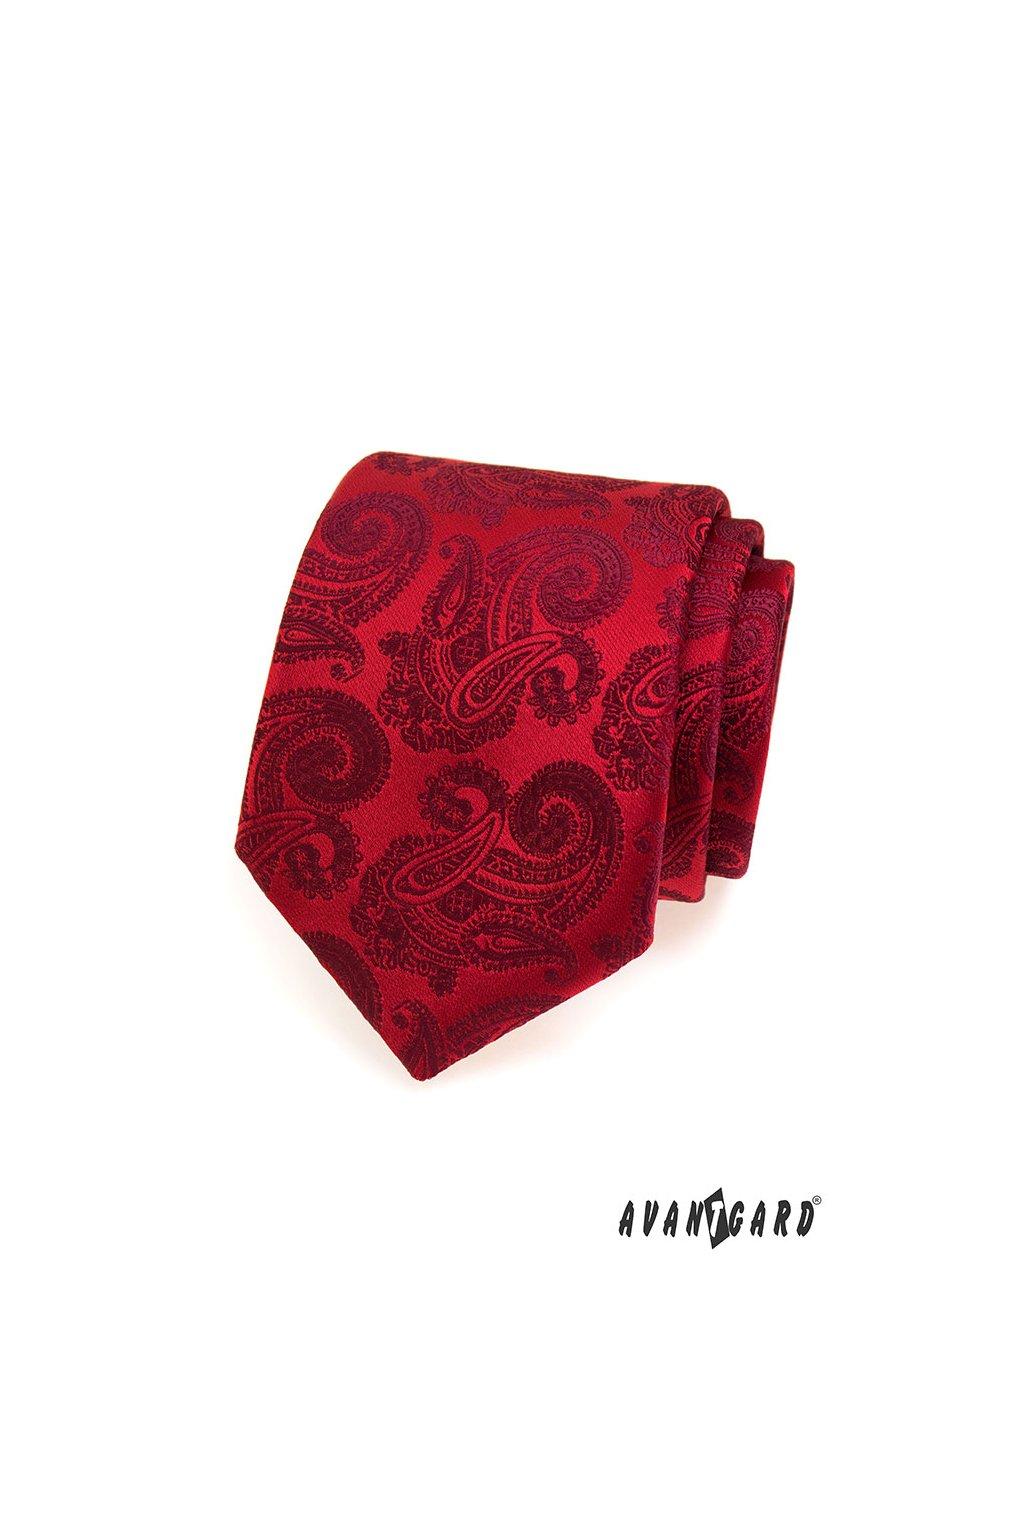 Kravata AVANTGARD LUX červená 561 - 43